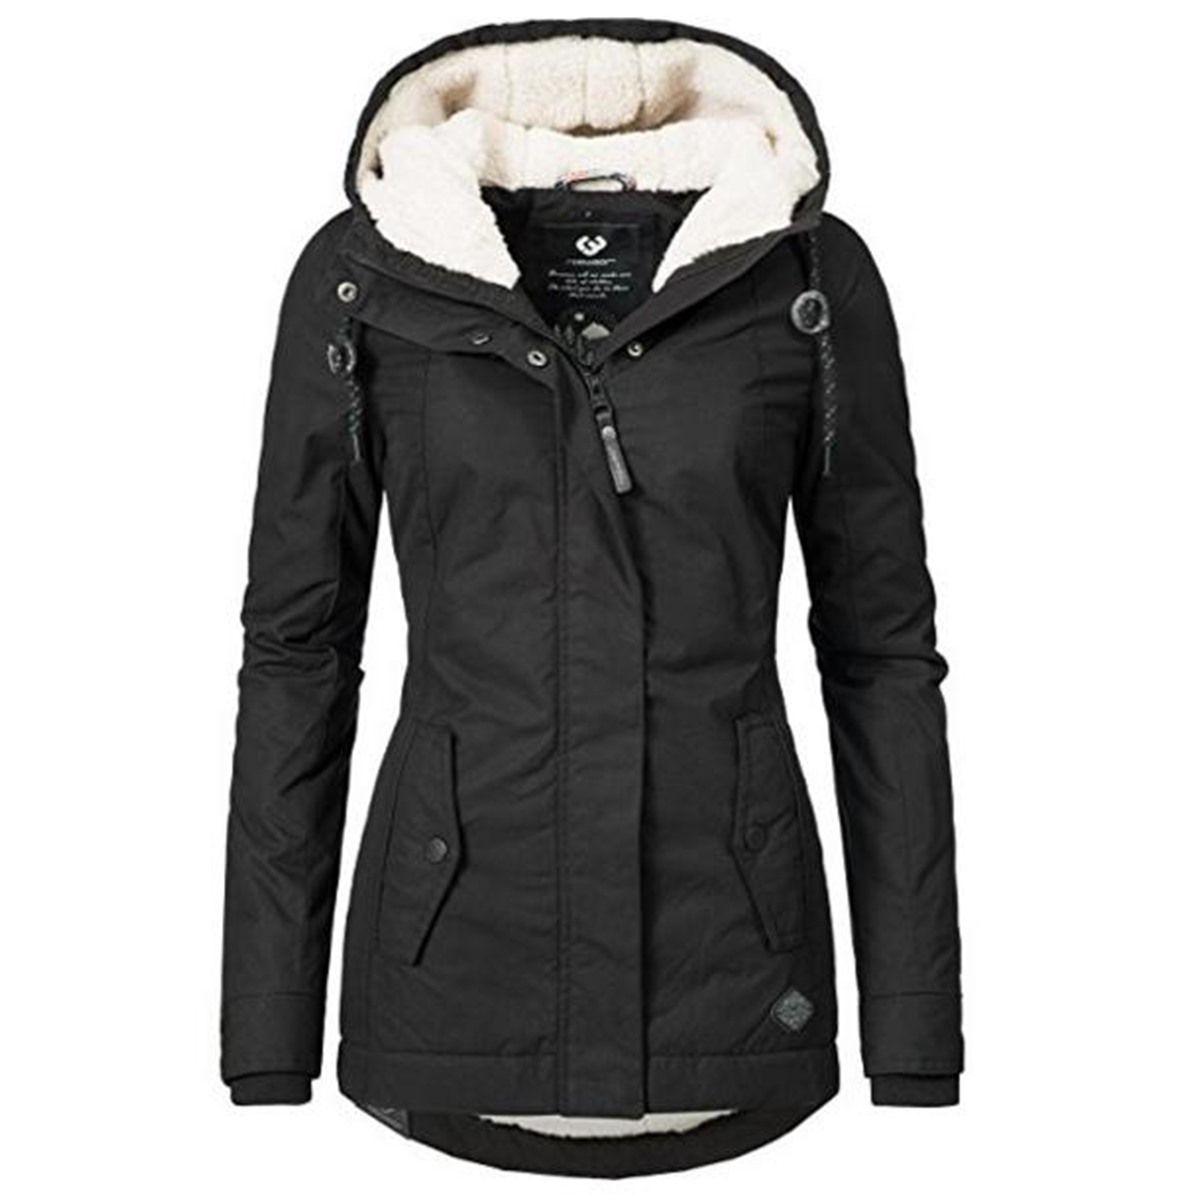 Noir coton manteaux décontracté à capuche veste manteau mode Simple haute rue Slim 2019 hiver chaud épaissir tops basiques femme